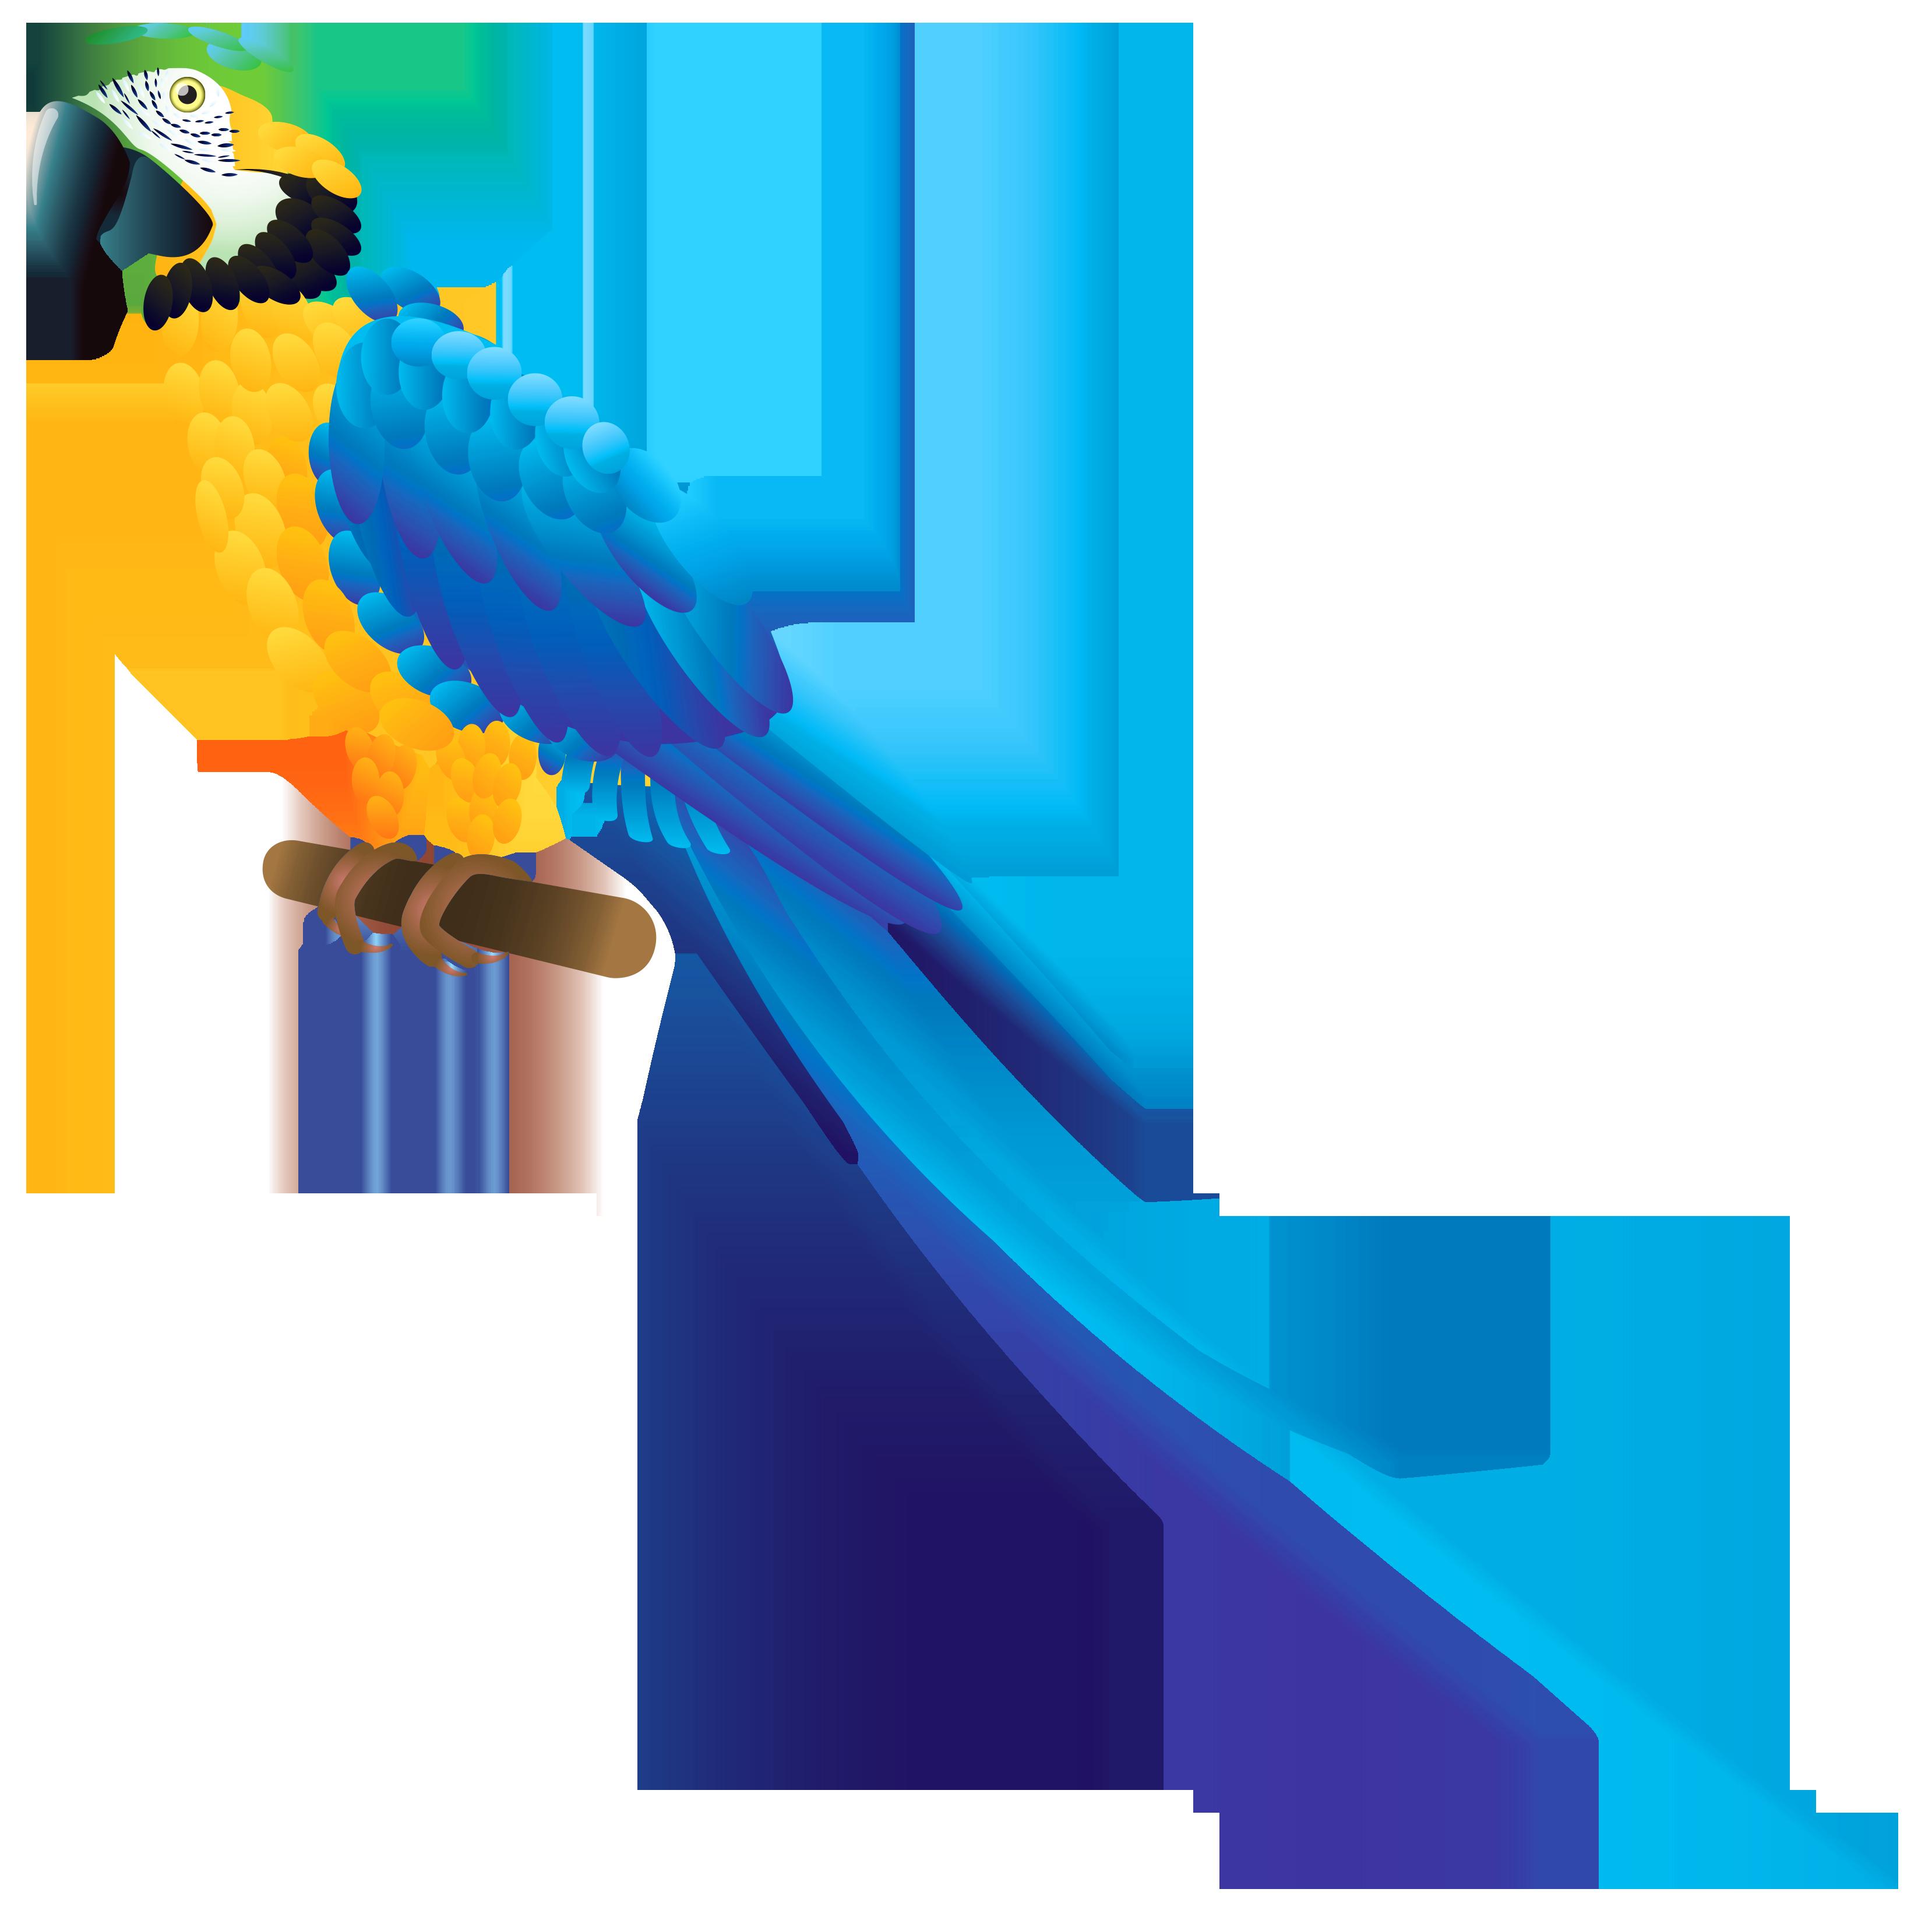 Parrot clipart. Blue png best web